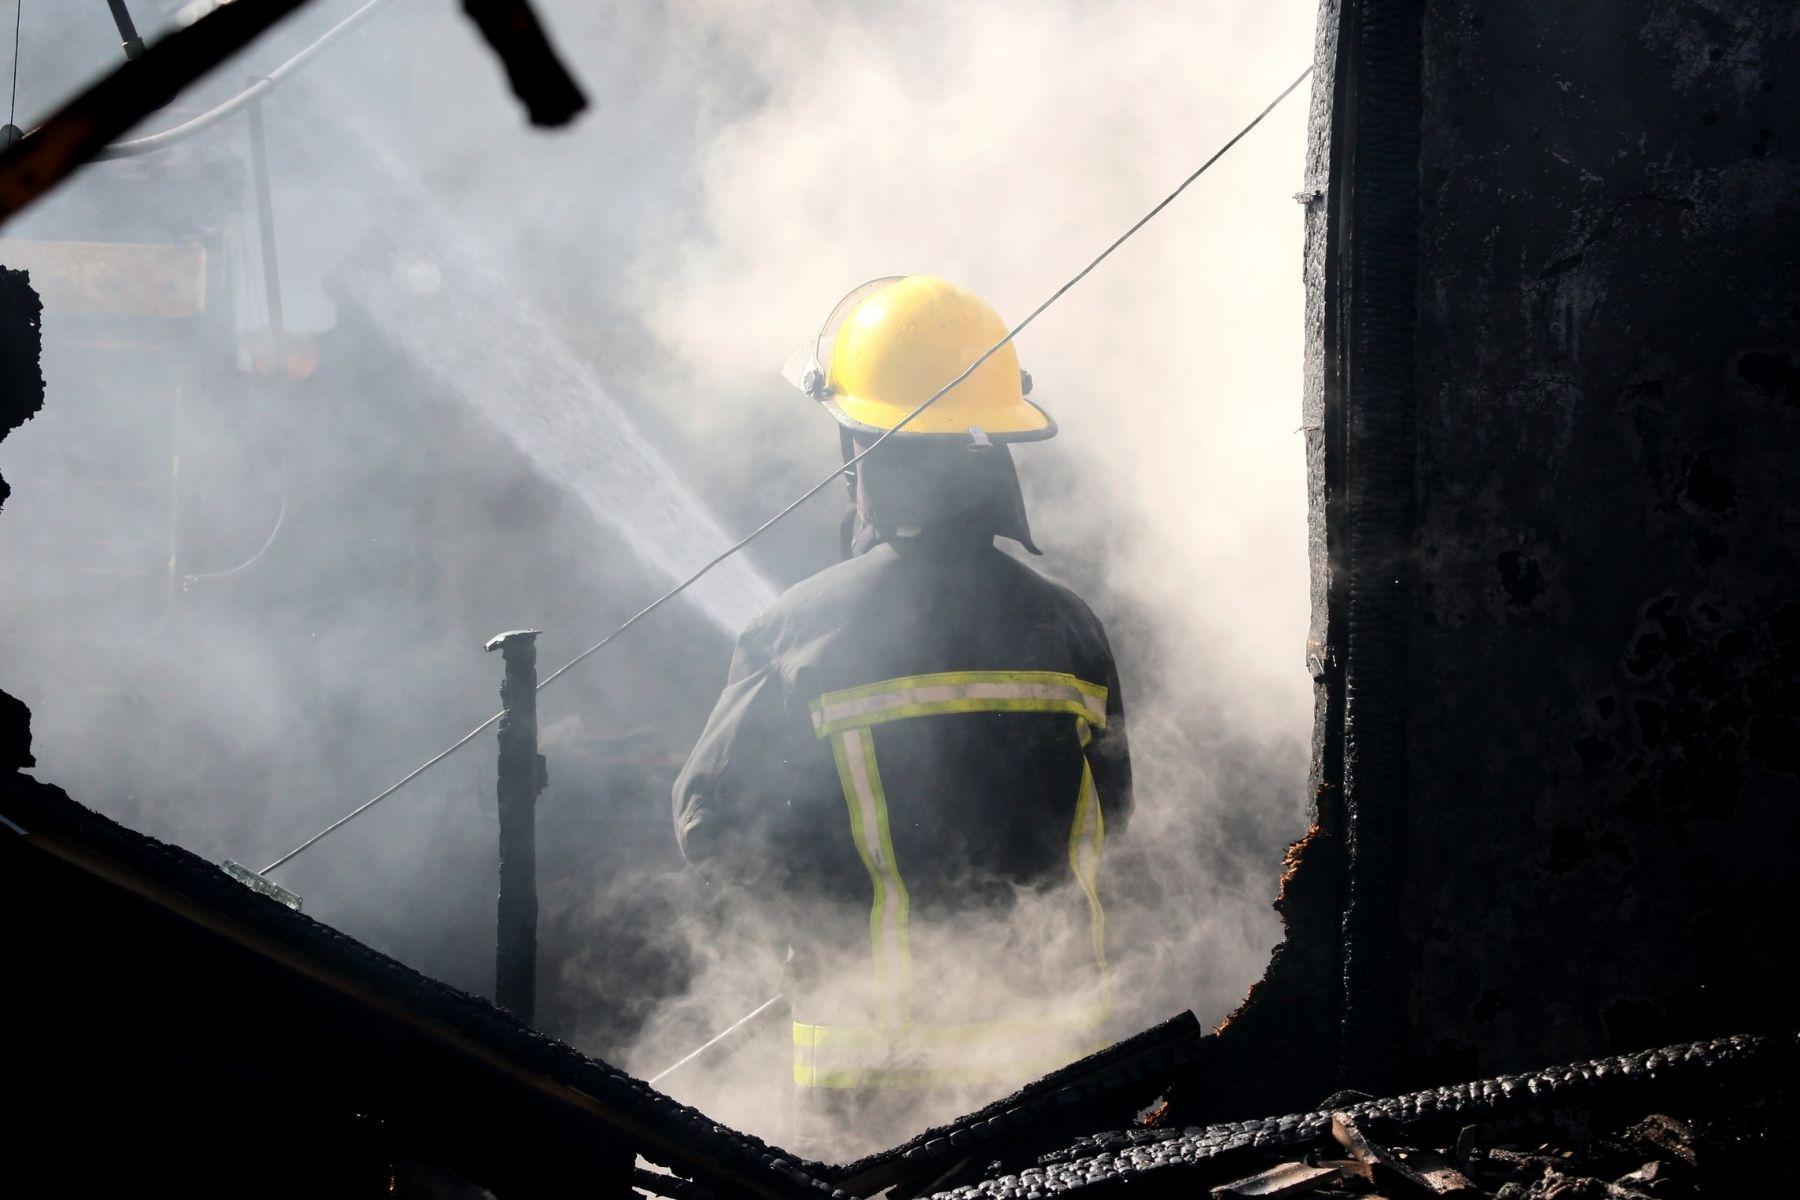 最怕7種火警現場,鐵皮屋是第一名!資深消防員:鐵皮屋像地雷,一燒起來就很猛